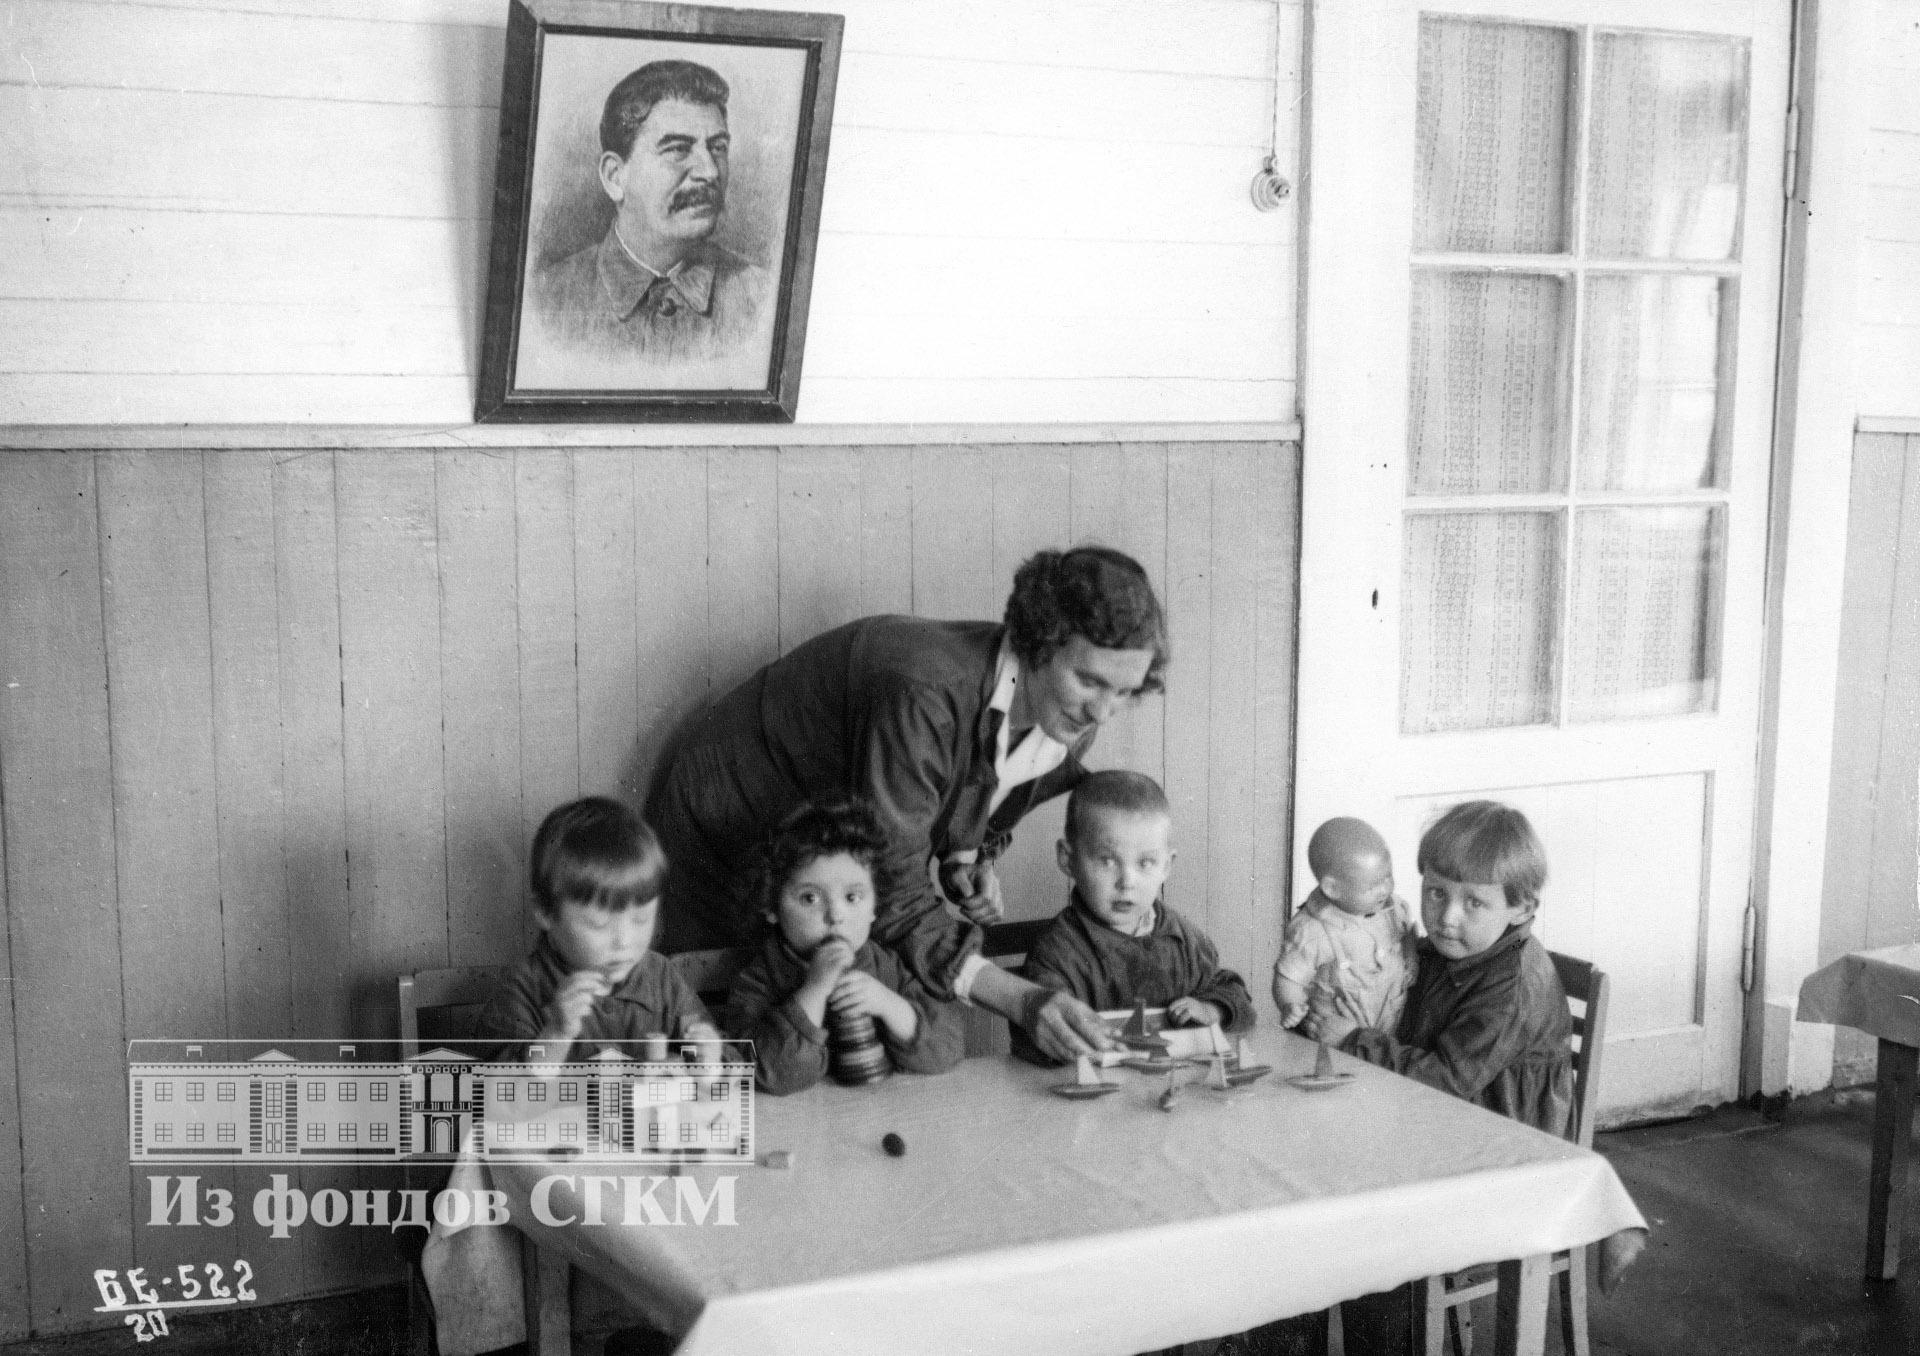 1940. Детский сад строительства. Младшая группа за играми